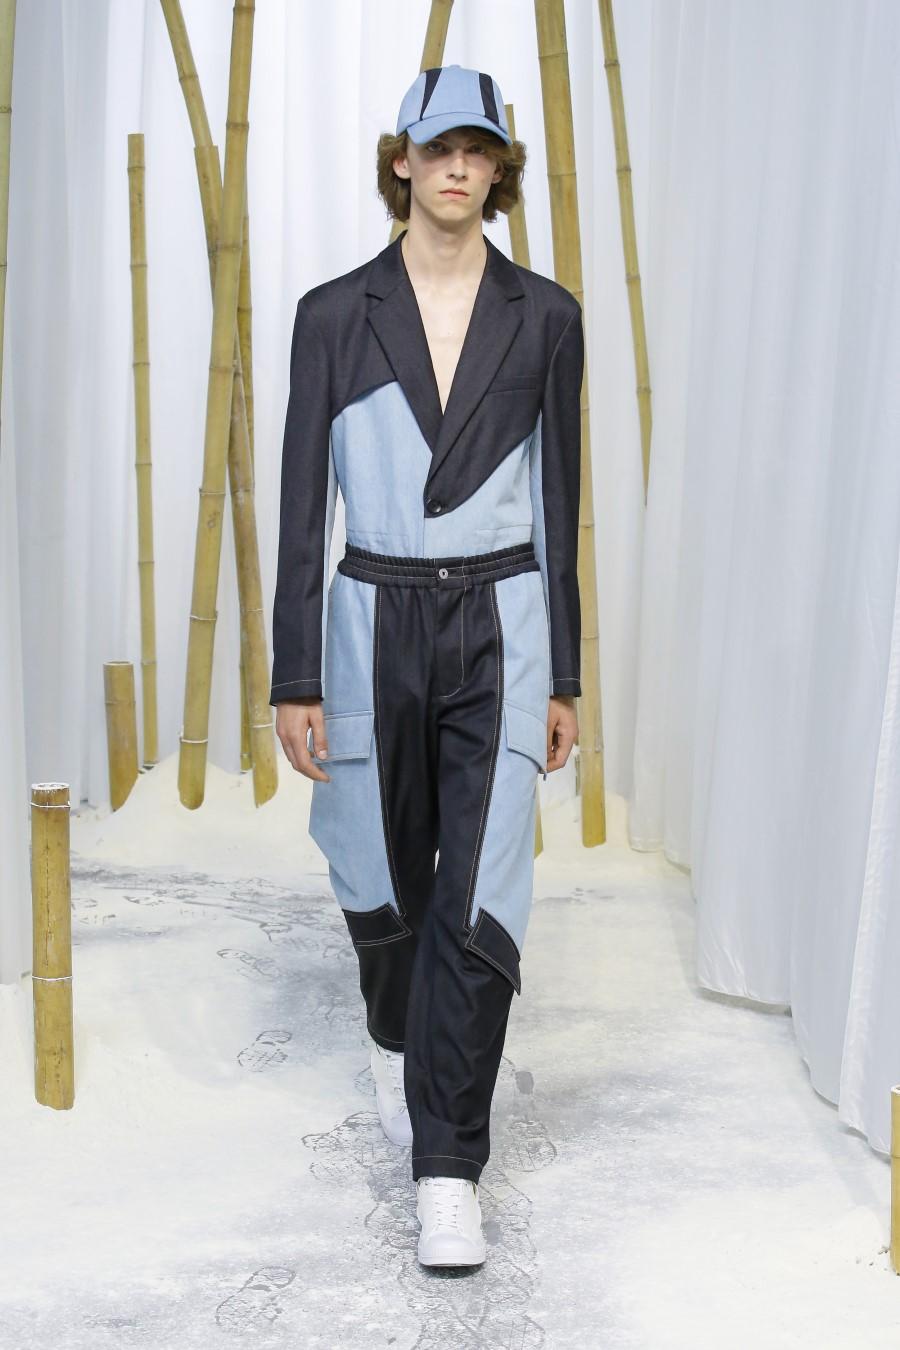 Feng Chen Wang Printemps Été 2020 London Fashion Week Men's 19